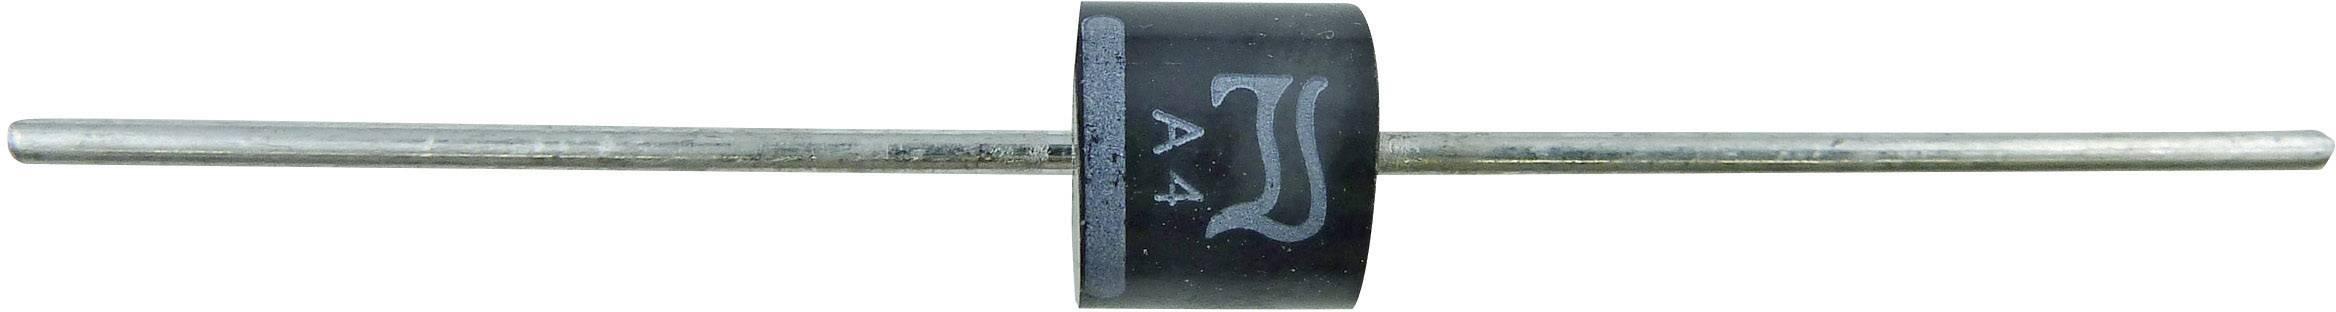 Schottkyho usmerňovacia dióda Diotec SBX3040, 30 A, 40 V